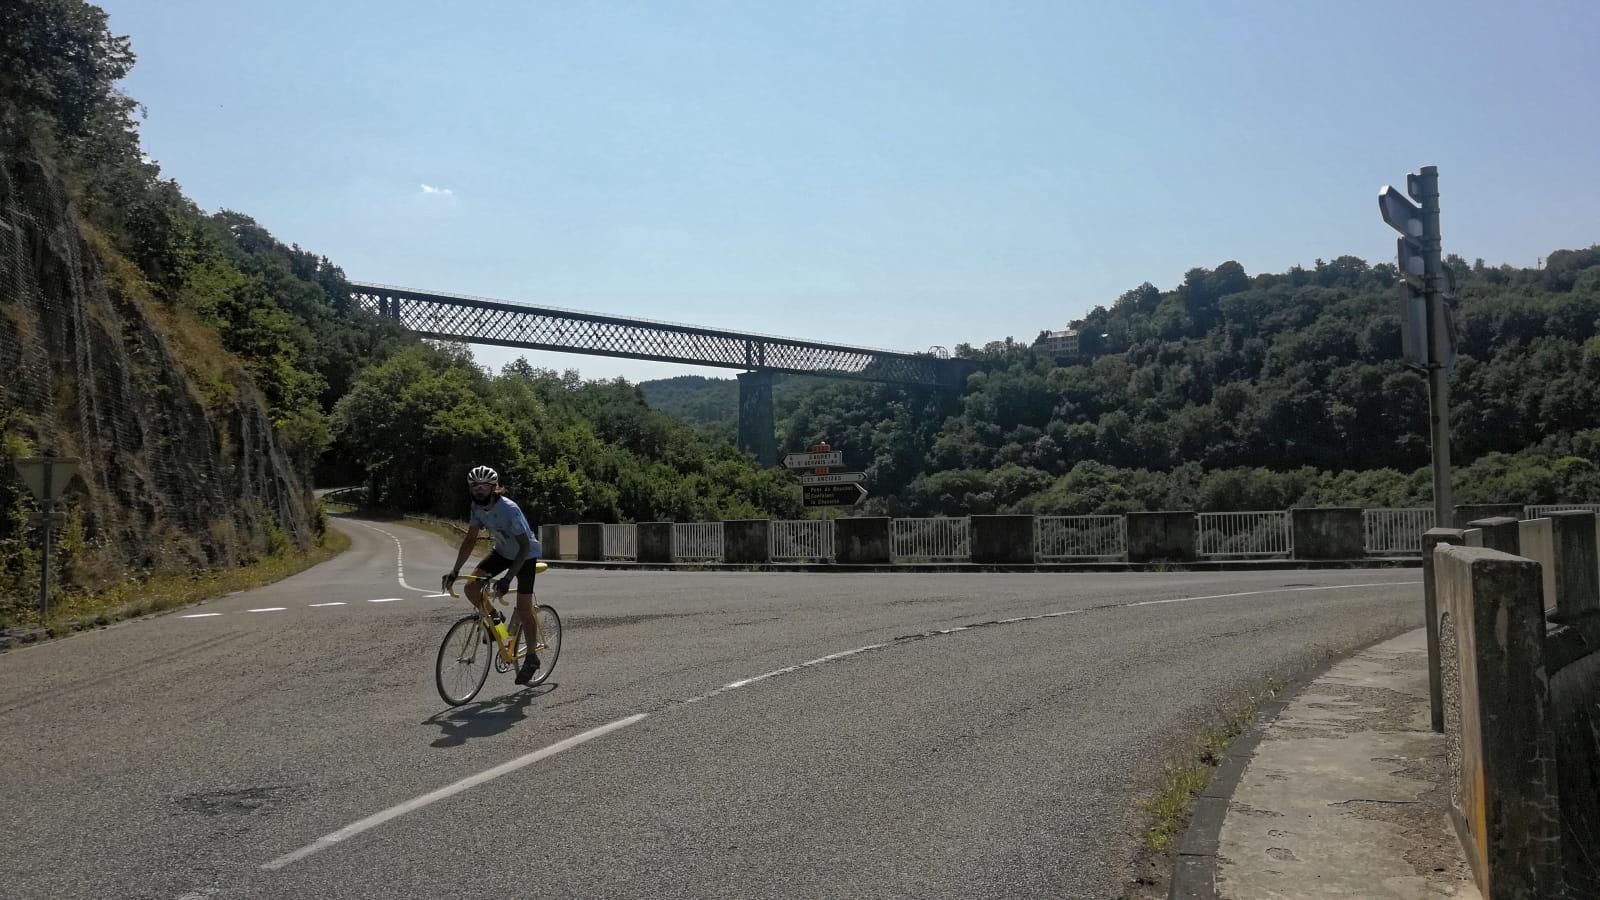 Passage devant le Viaduc des Fades